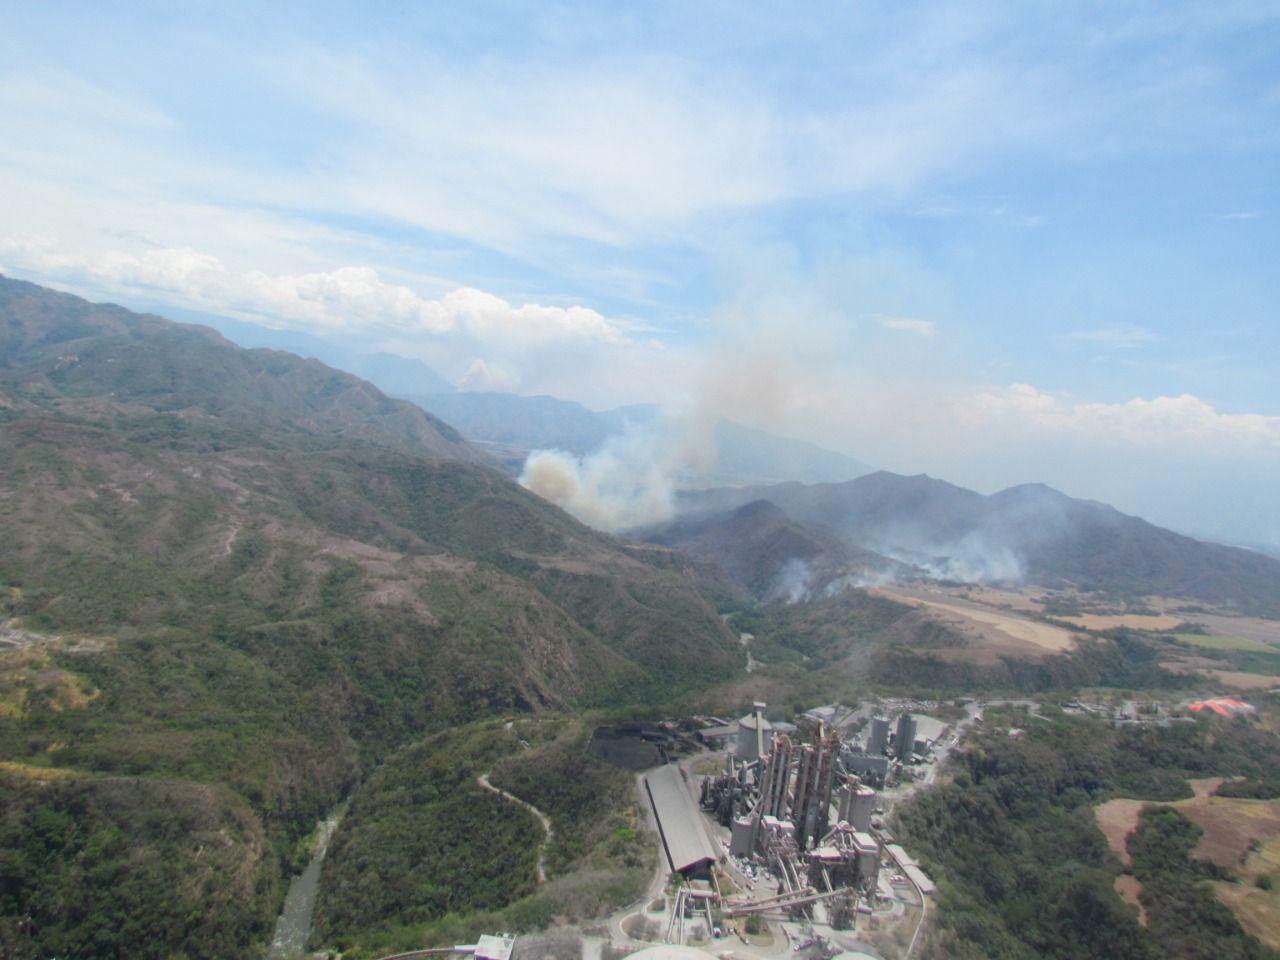 Cortolima lanza alerta por inminente escasez de agua por el 'Fenómeno del Niño'